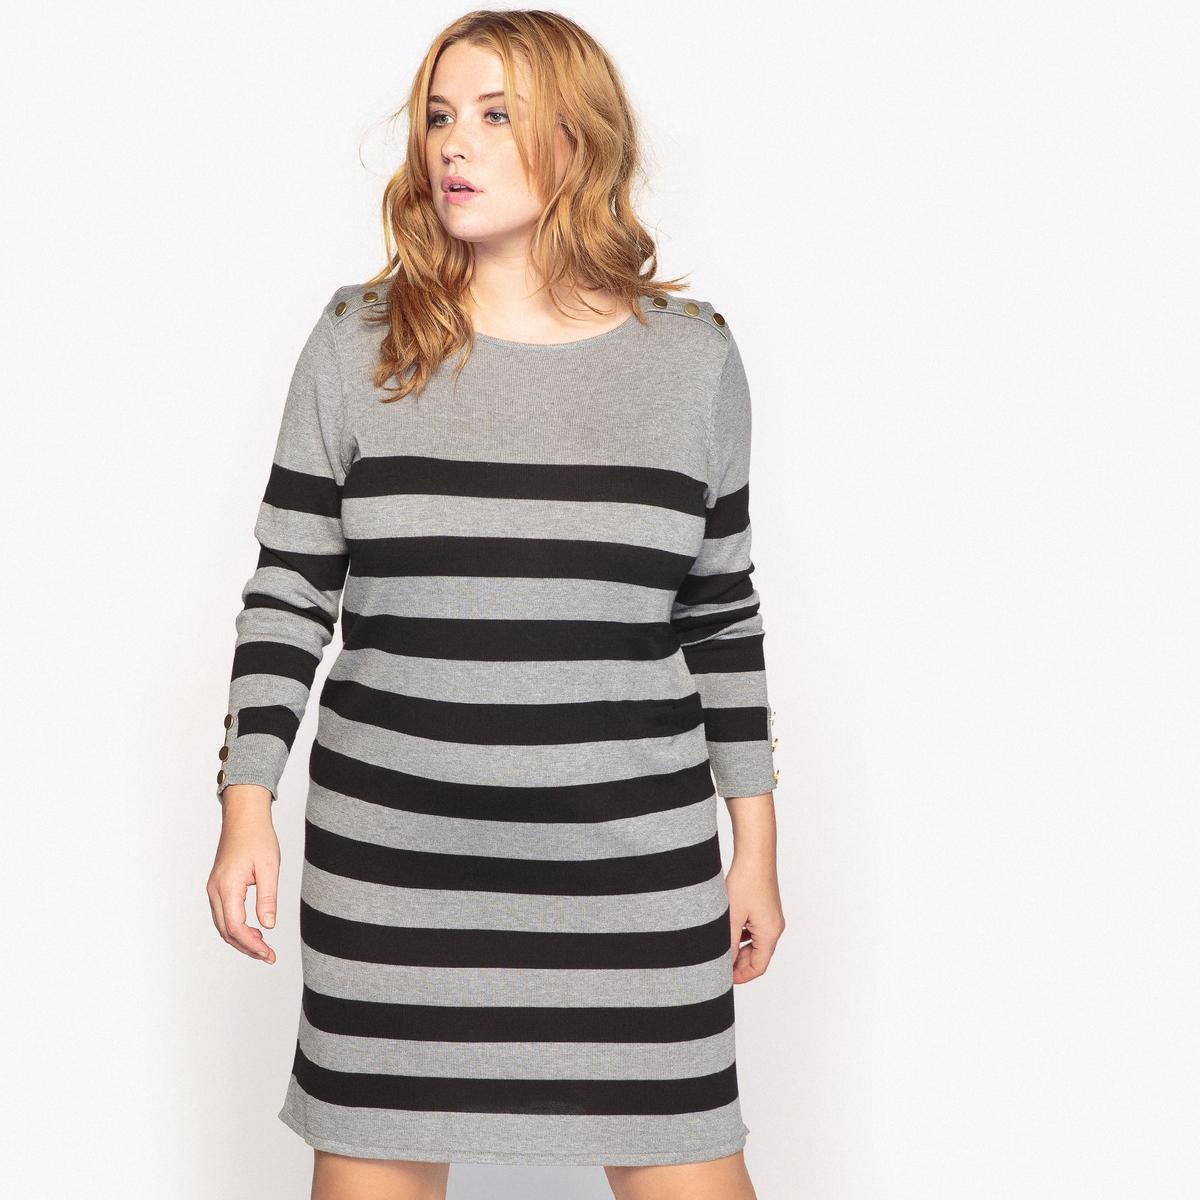 Платье-пуловер средней длины в широкую полоскуОписание:Платье-пуловер снова в моде. Очень стильное платье-пуловер в широкую полоску.Детали •  Форма : платье-пуловер •  Длина до колен •  Длинные рукава    •  Круглый вырезСостав и уход •  60% вискозы, 40% хлопка •  Температура стирки 40° на деликатном режиме   • Средняя температура глажки / не отбеливать     •  Не использовать барабанную сушку   • Сухая чистка запрещенаТовар из коллекции больших размеров<br><br>Цвет: серый меланж/черный<br>Размер: 58/60 (FR) - 64/66 (RUS).46/48 (FR) - 52/54 (RUS)